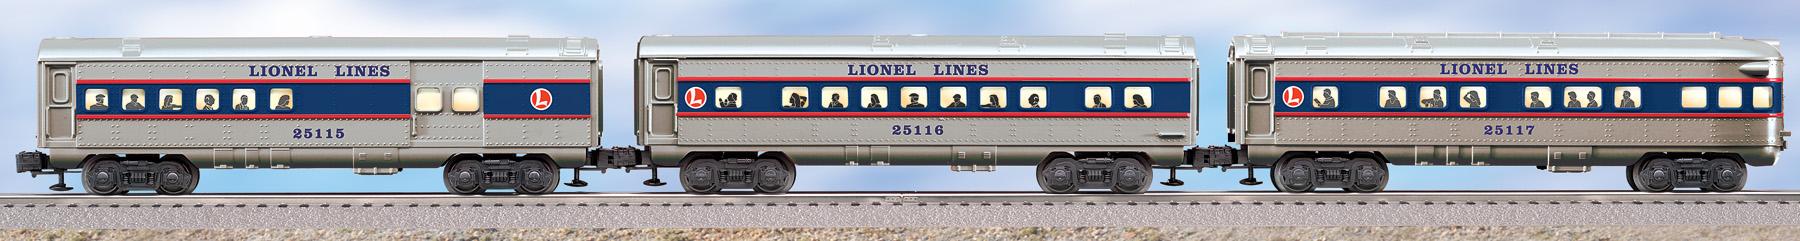 Lionel Lines O27 Streamlined Passenger Car 3 Pack